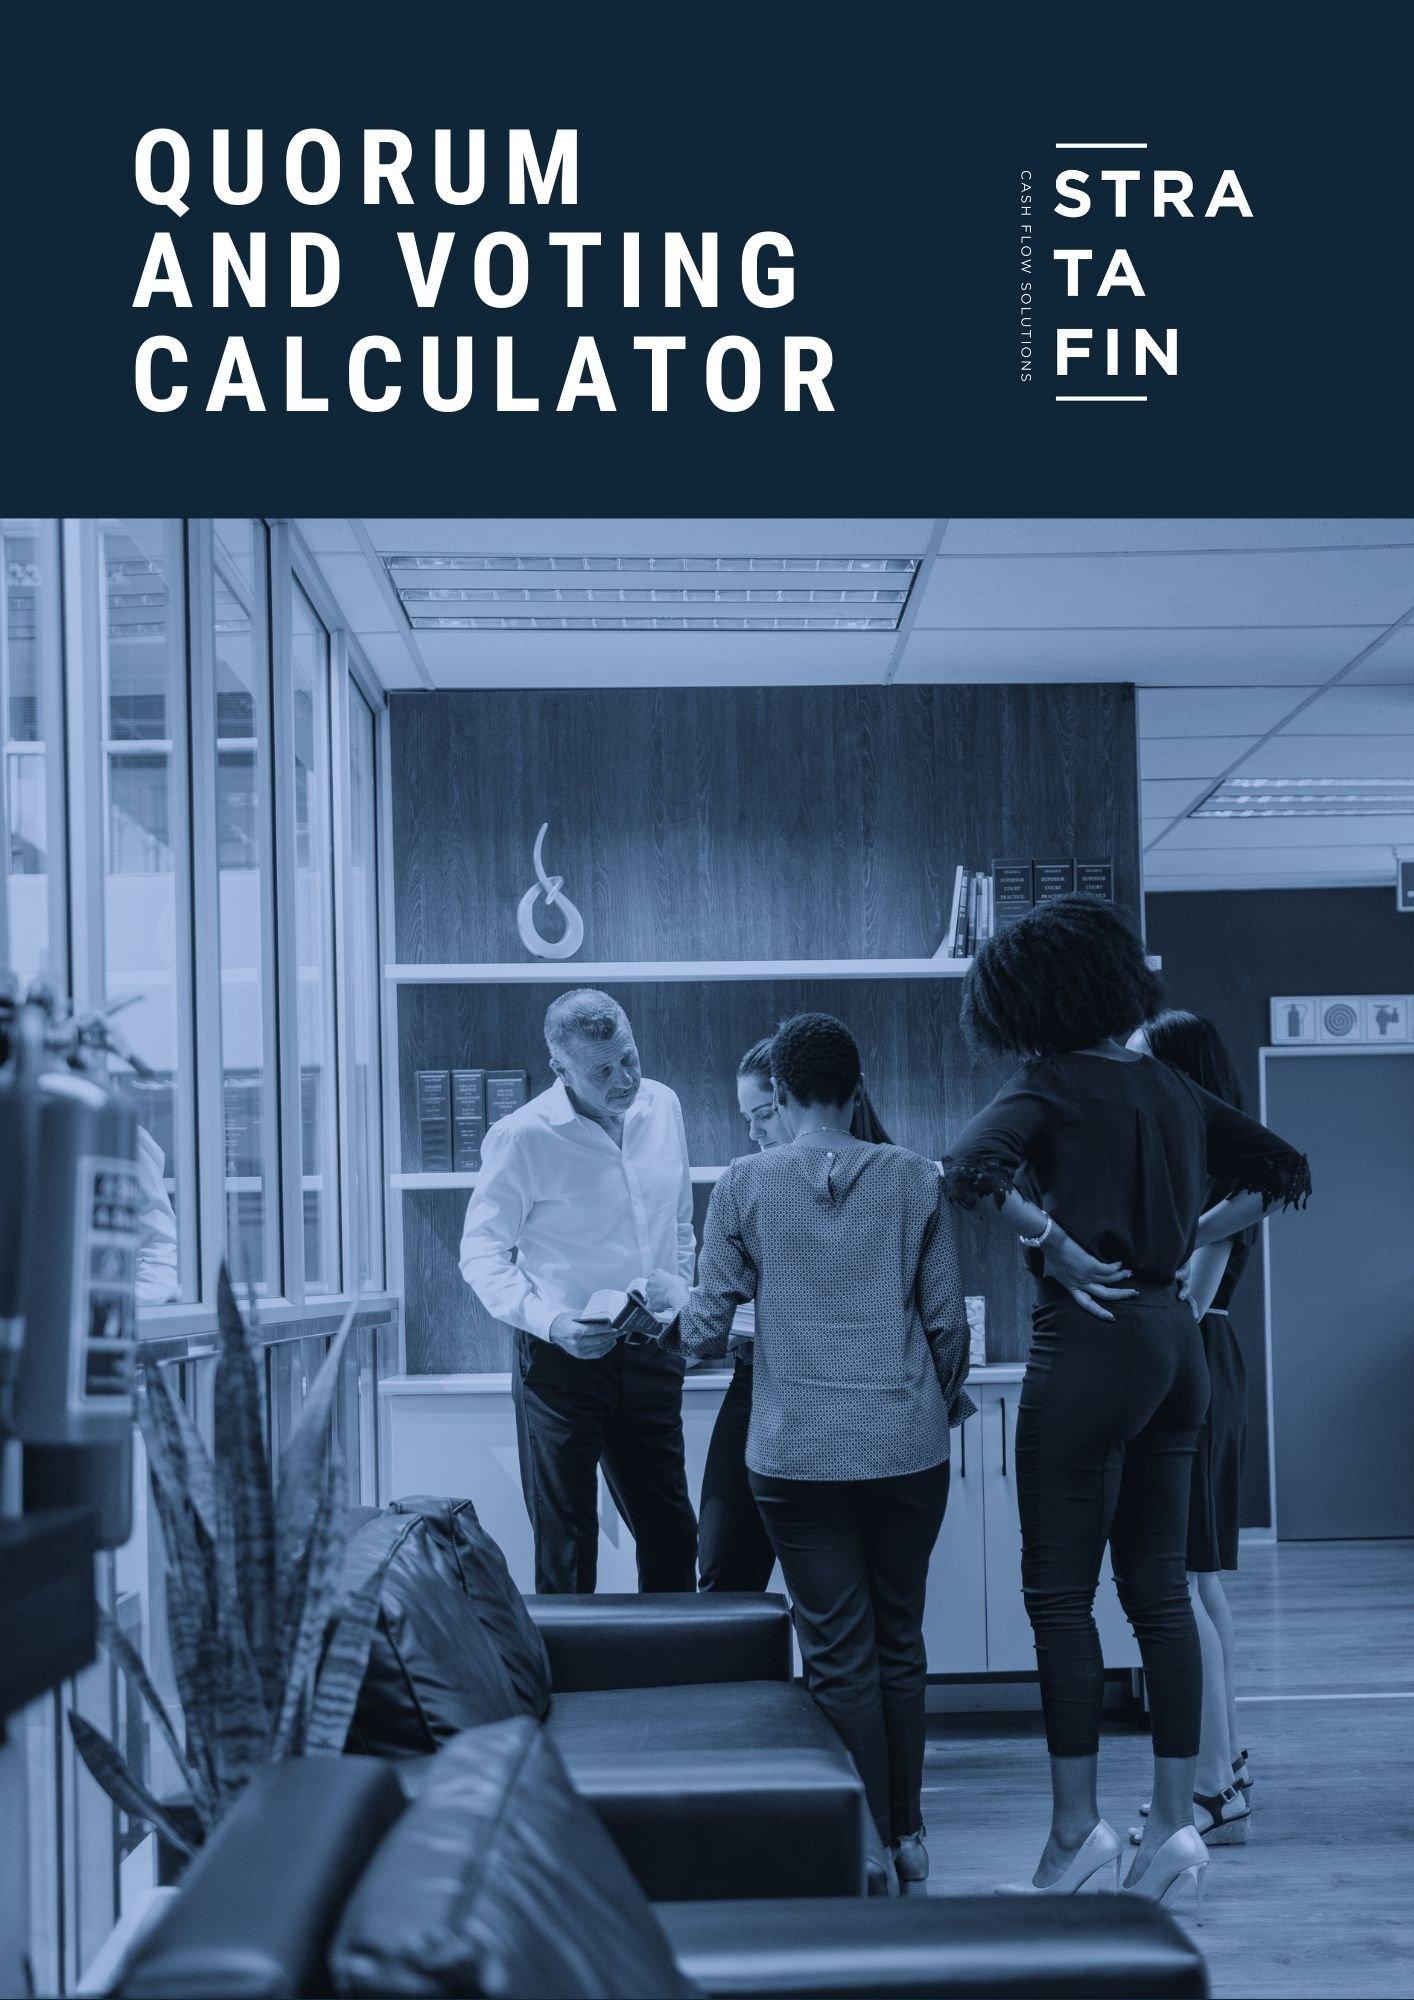 Quorum and voting calculator